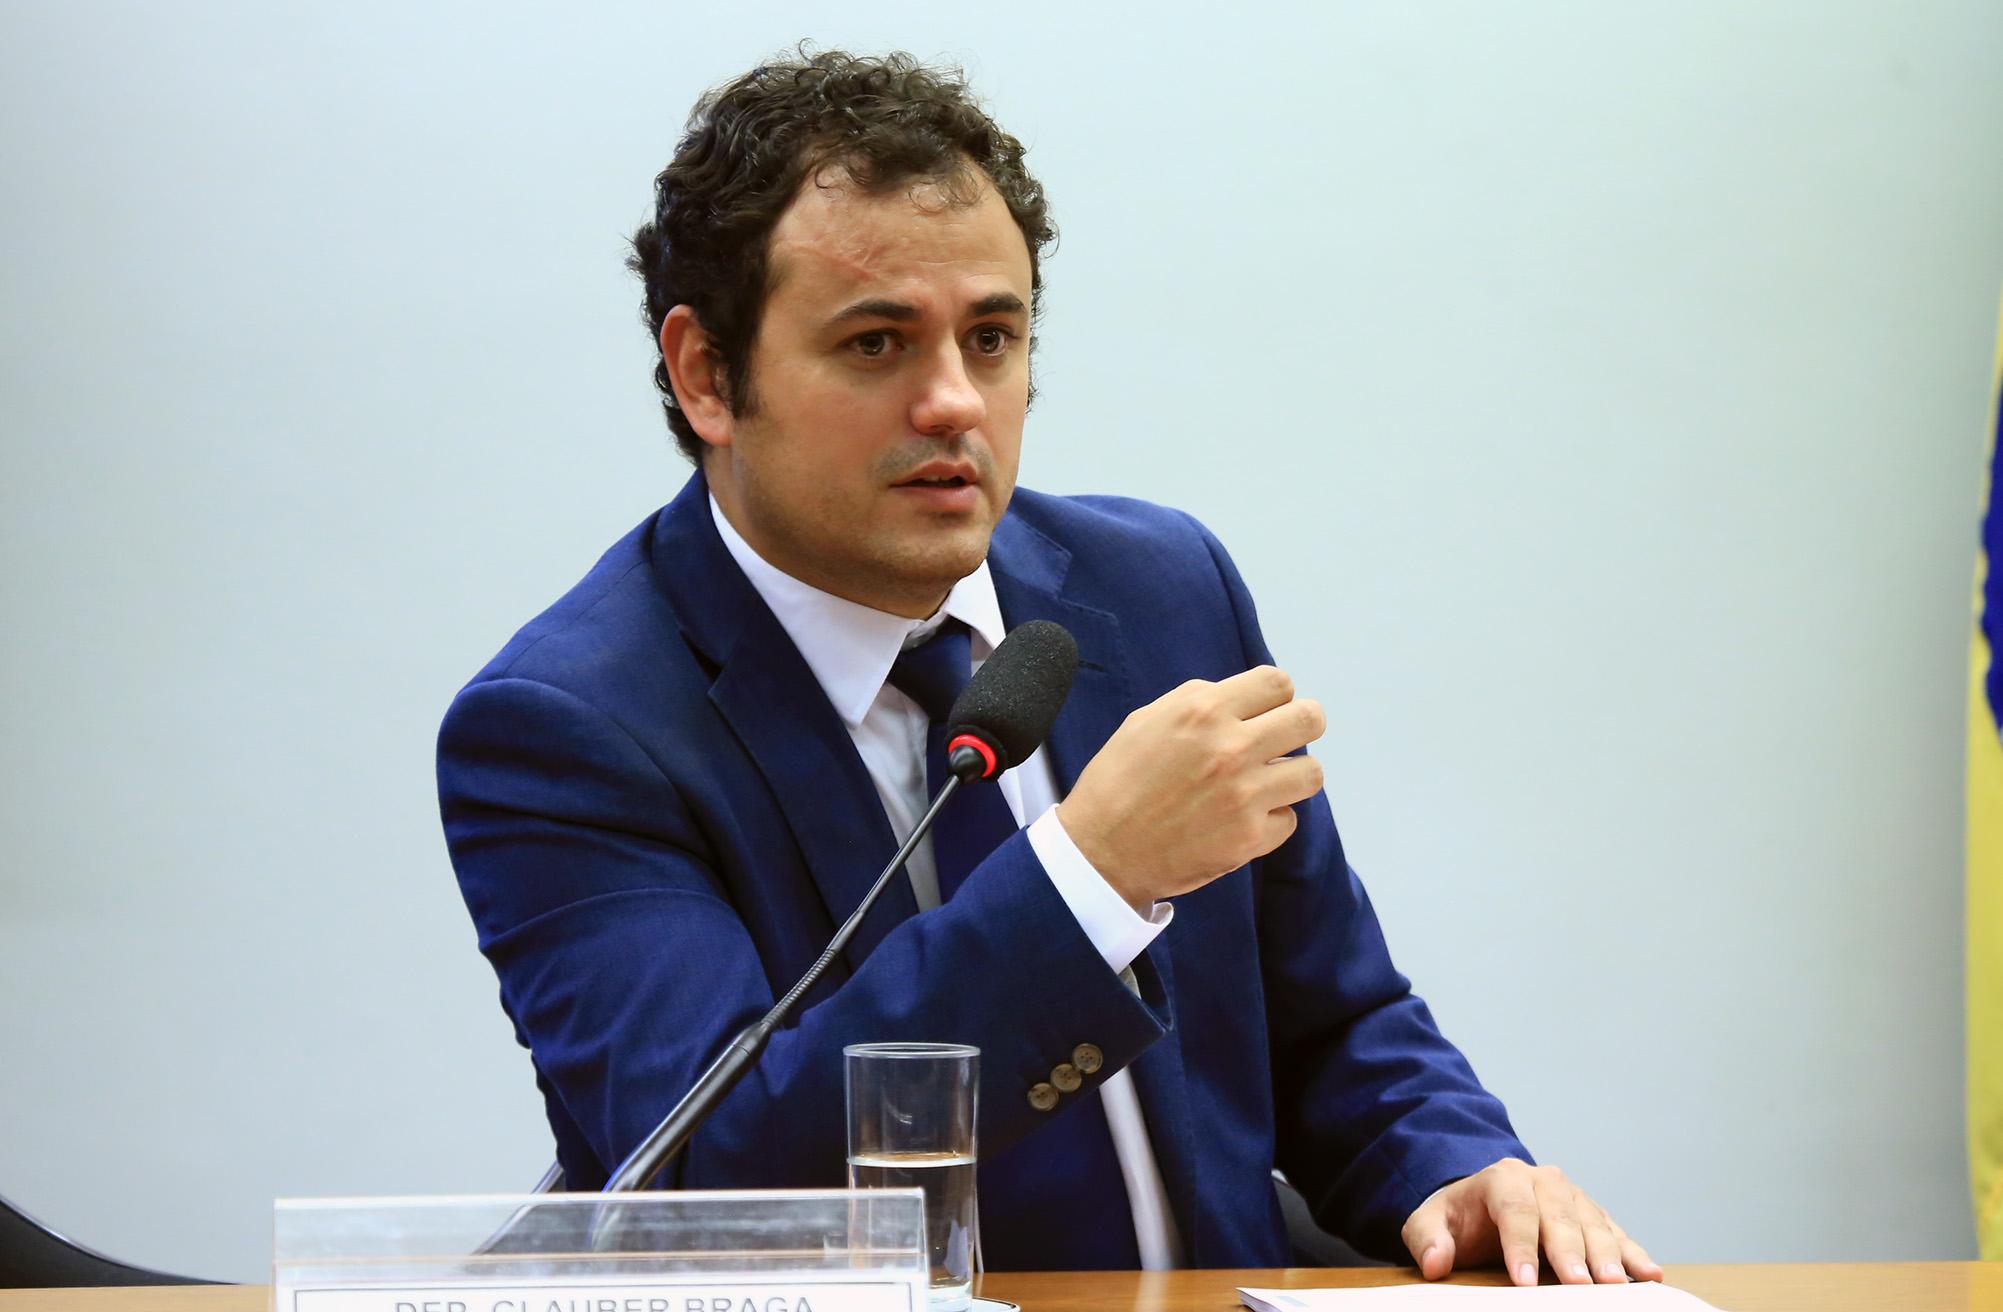 Reunião ordinária. Dep. Glauber Braga (PSOL - RJ)